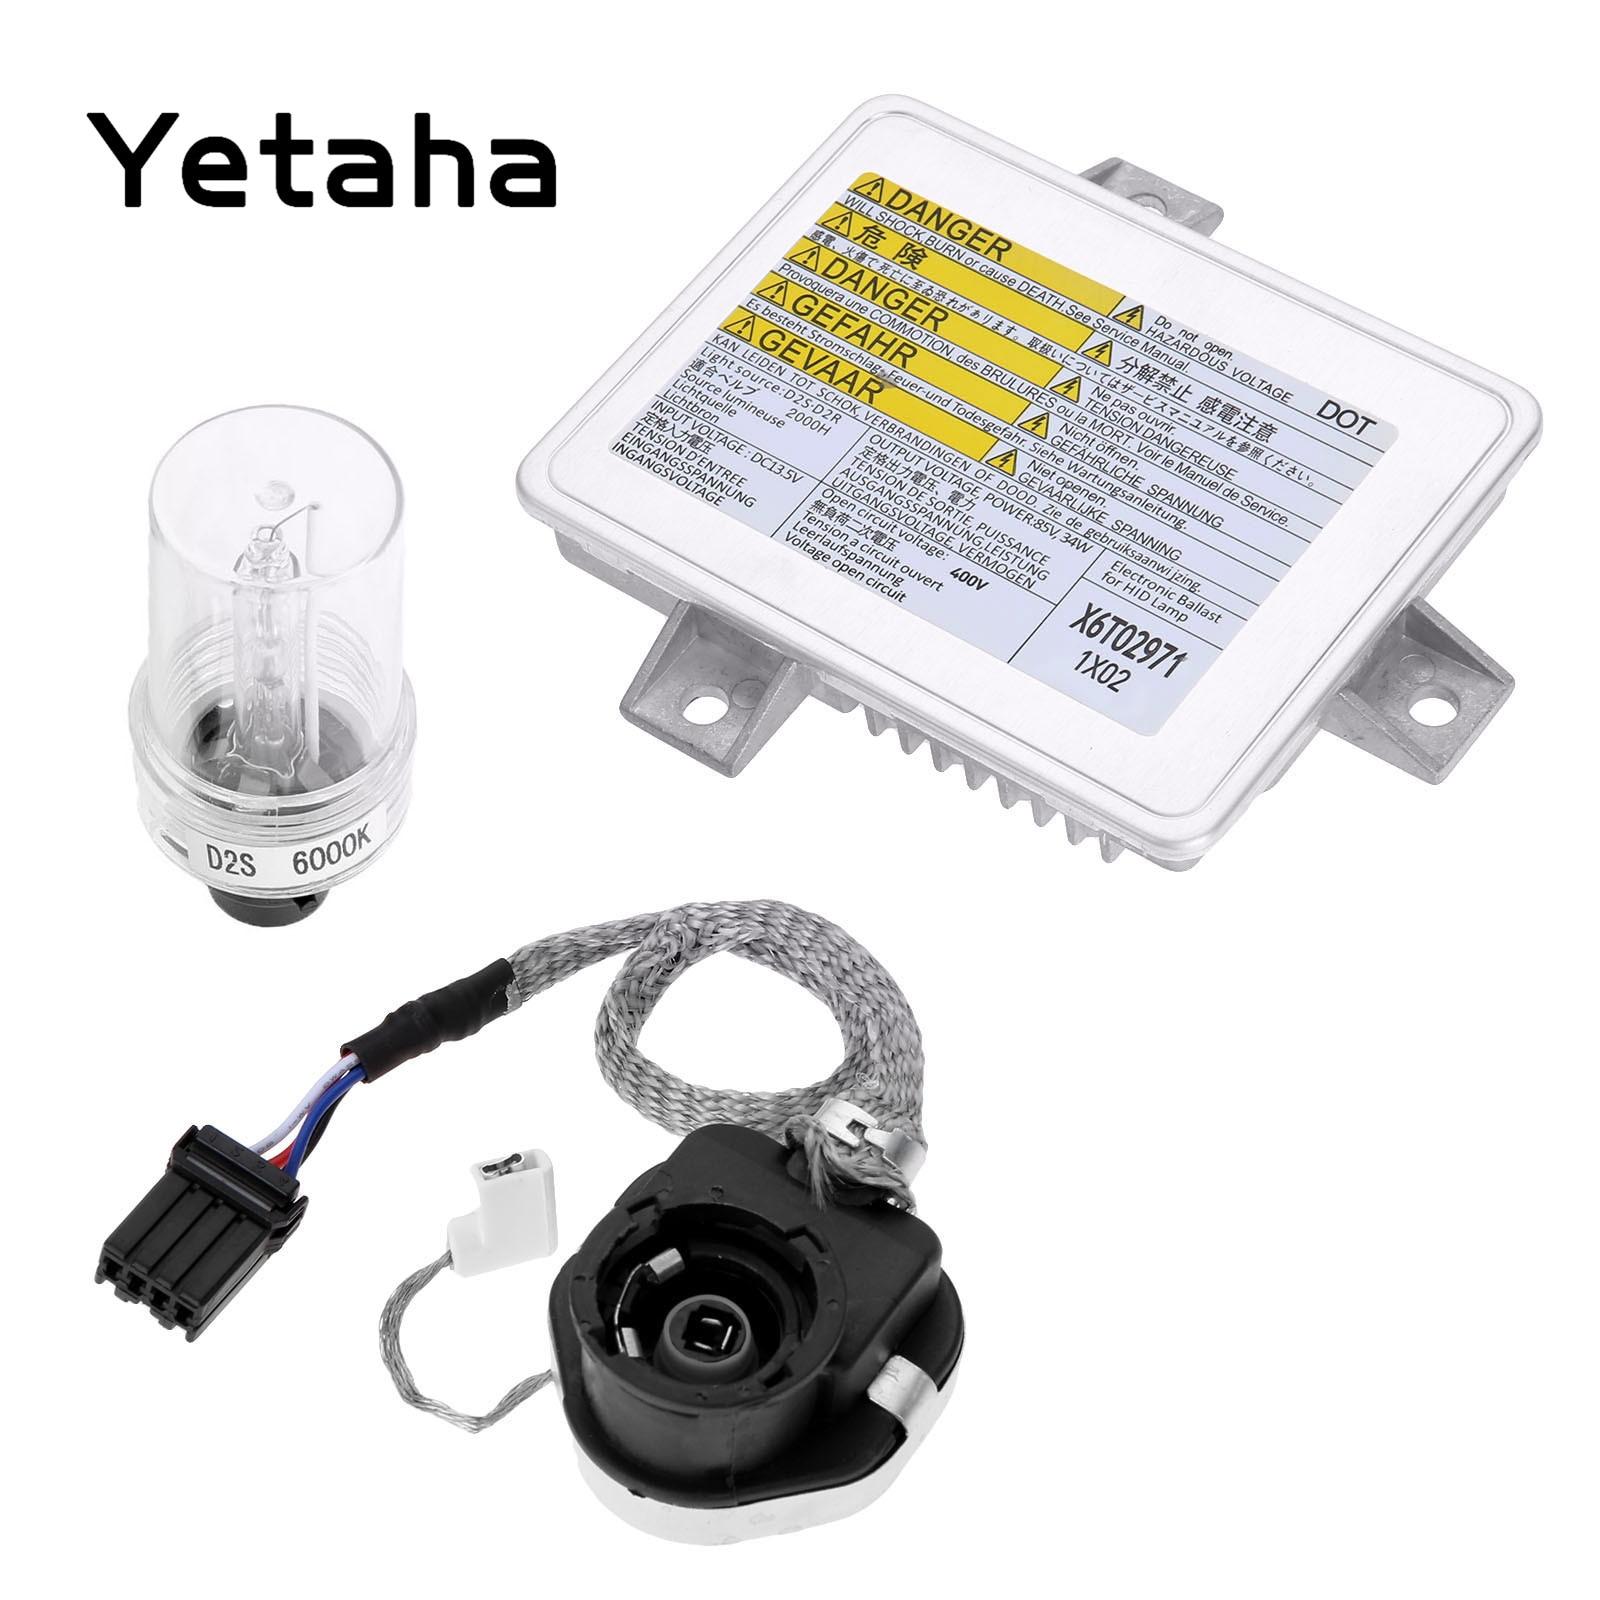 Yetaha Xenon HID Headlight Kit D2S D2R Ballast Igniter Control Starter Xenon Bulb X6T02971 W3T14371 For Acura TSX Honda Mazda 3 tsxpcx3030 is for tsx premium 57 tsx micro 37 tsx nano 07 tsx naza 08 and twido plc programming with master slave switch